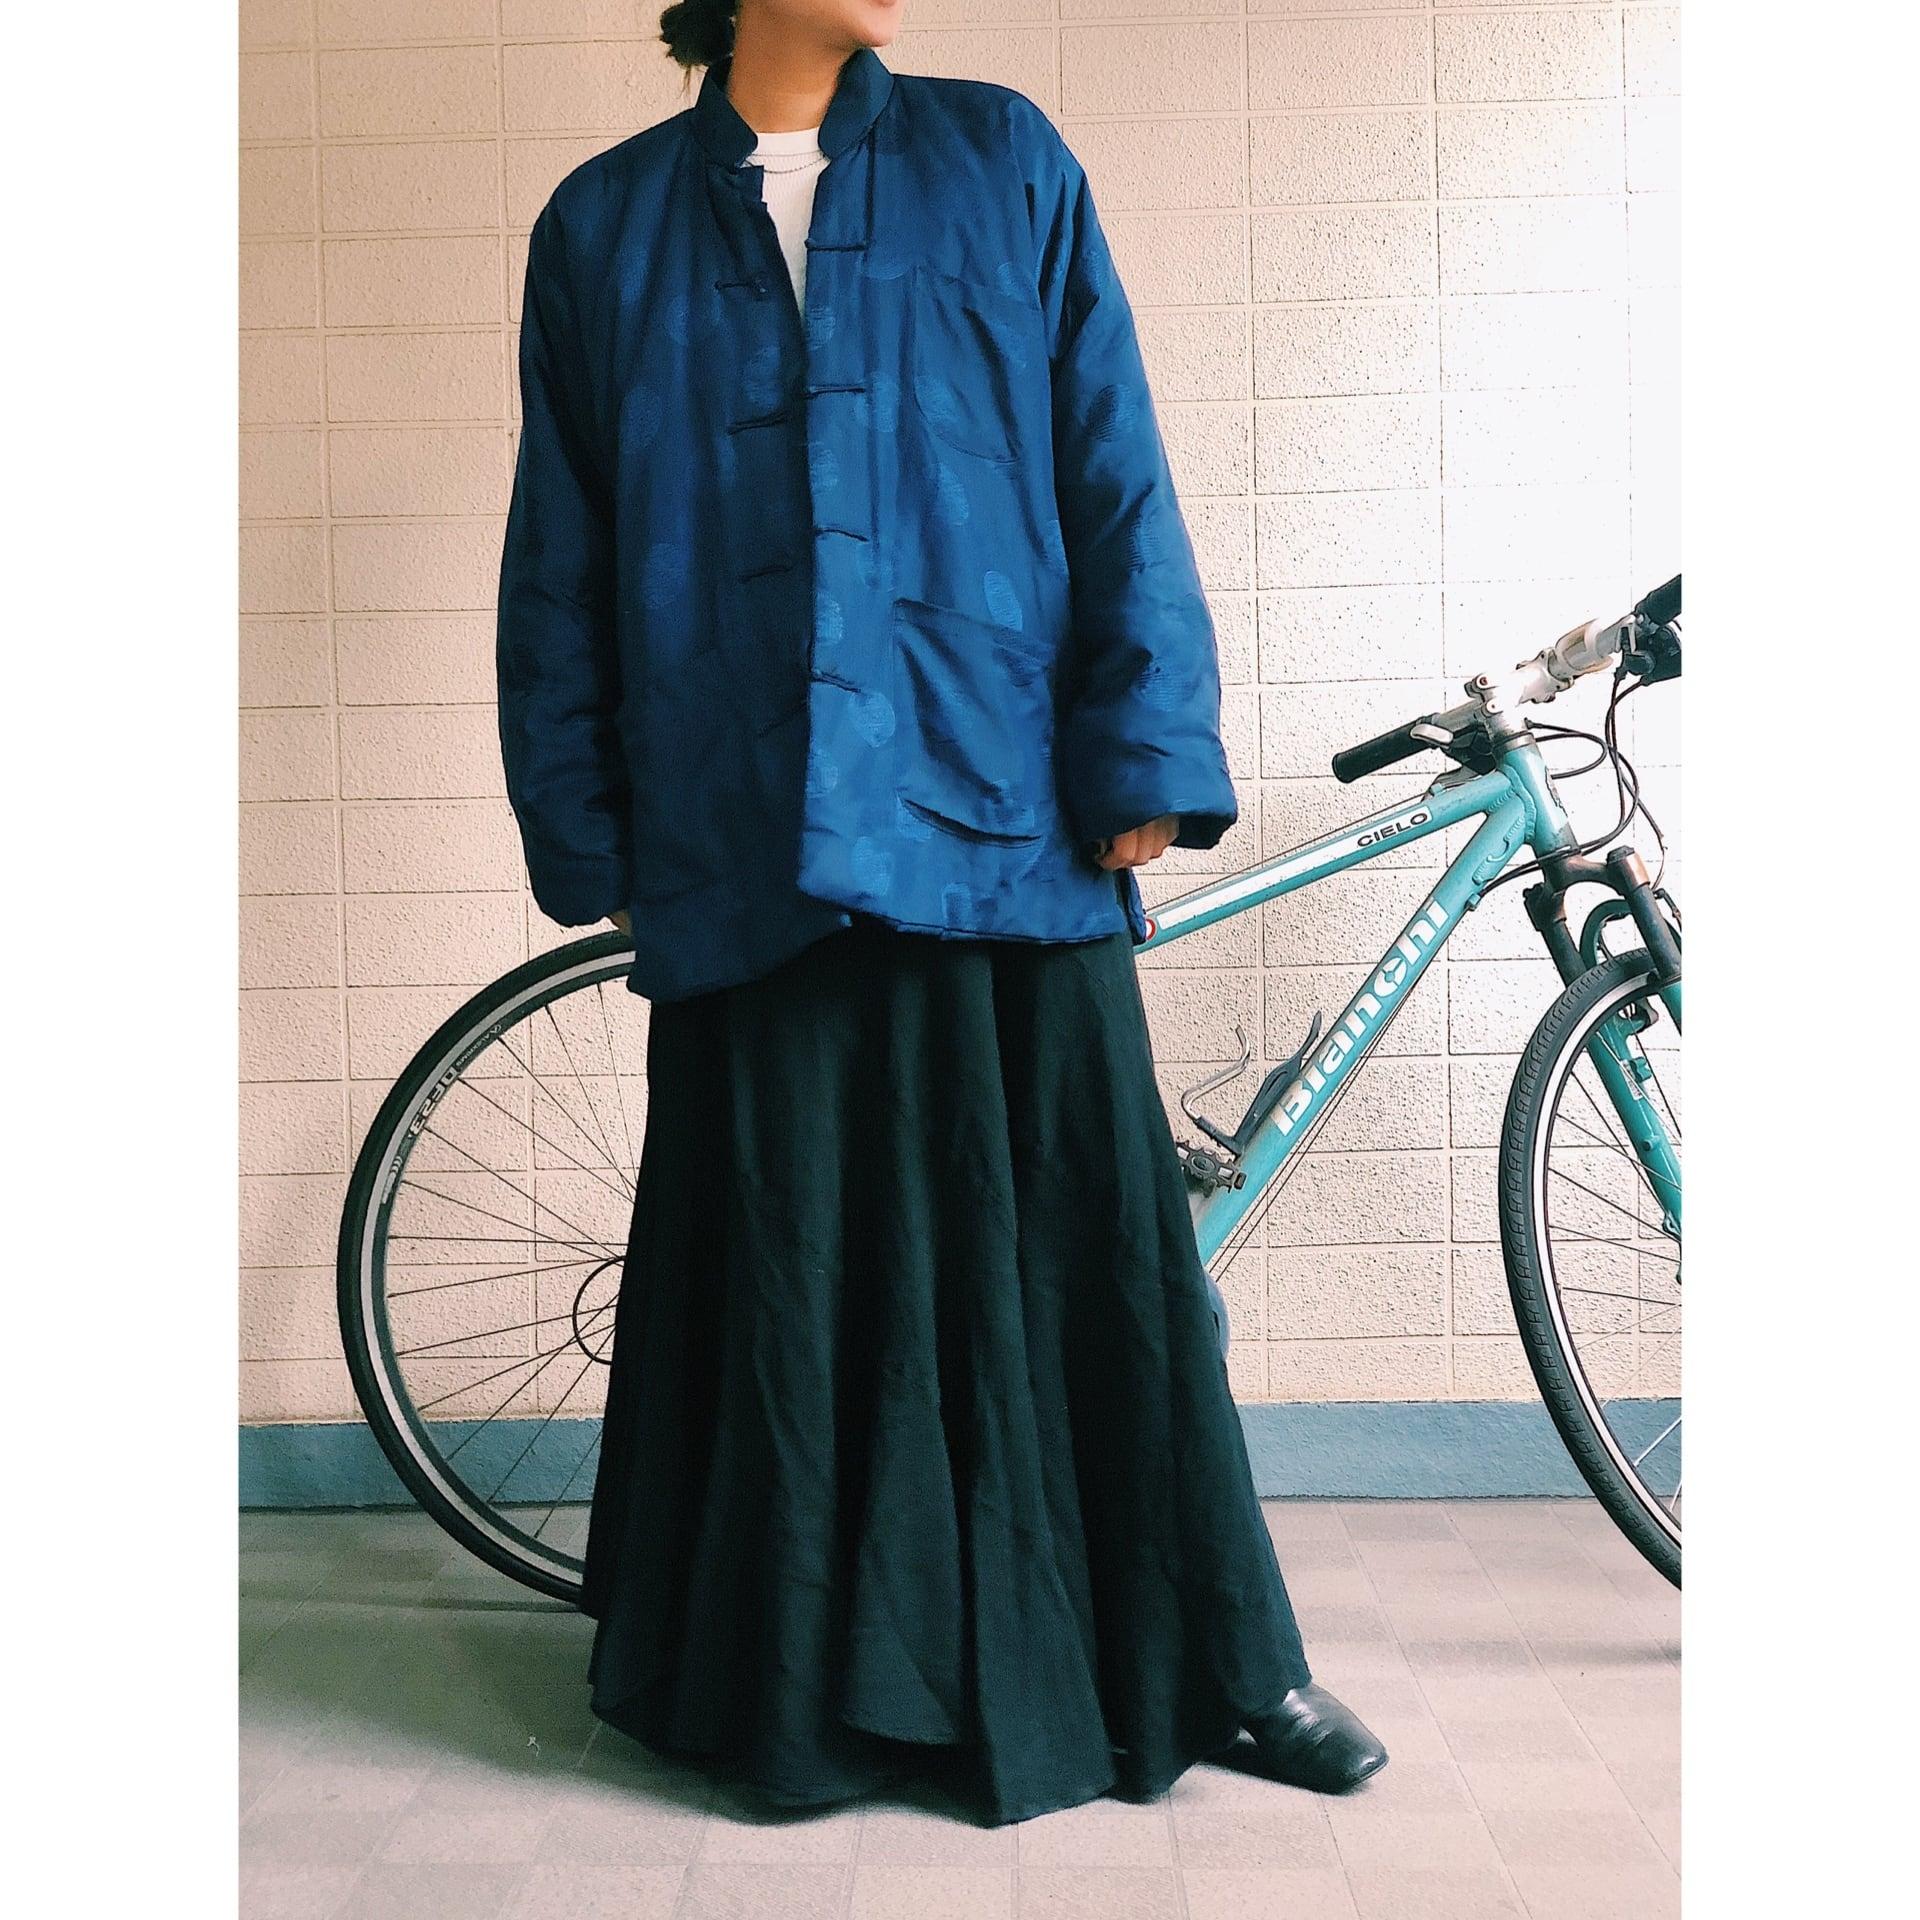 China orver jacket